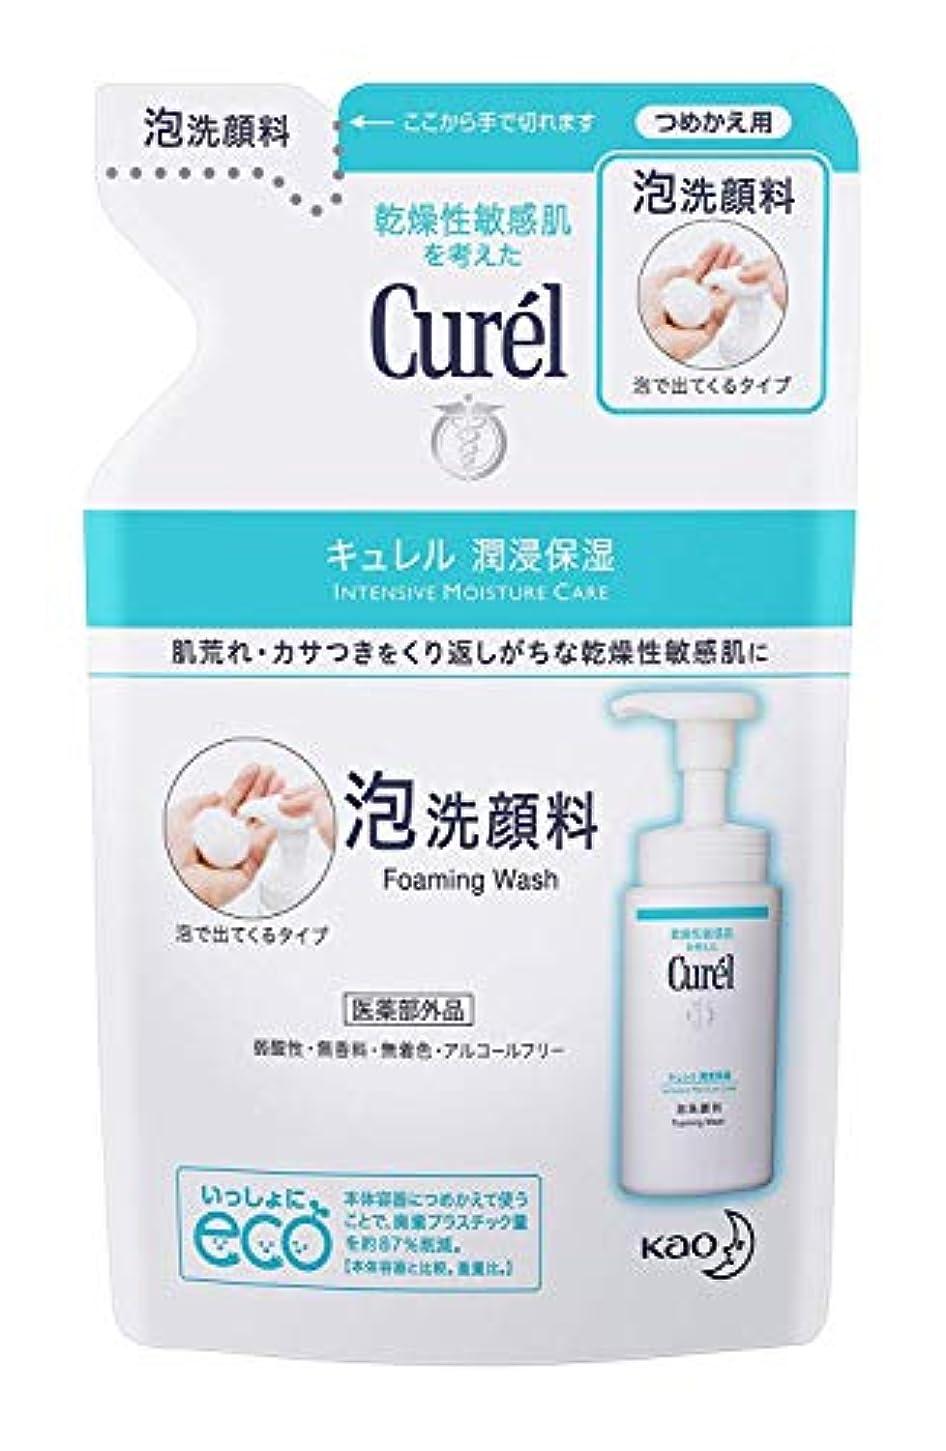 苦難すすり泣き蓮【花王】Curel(キュレル) 泡洗顔料 つめかえ用 130ml ×10個セット